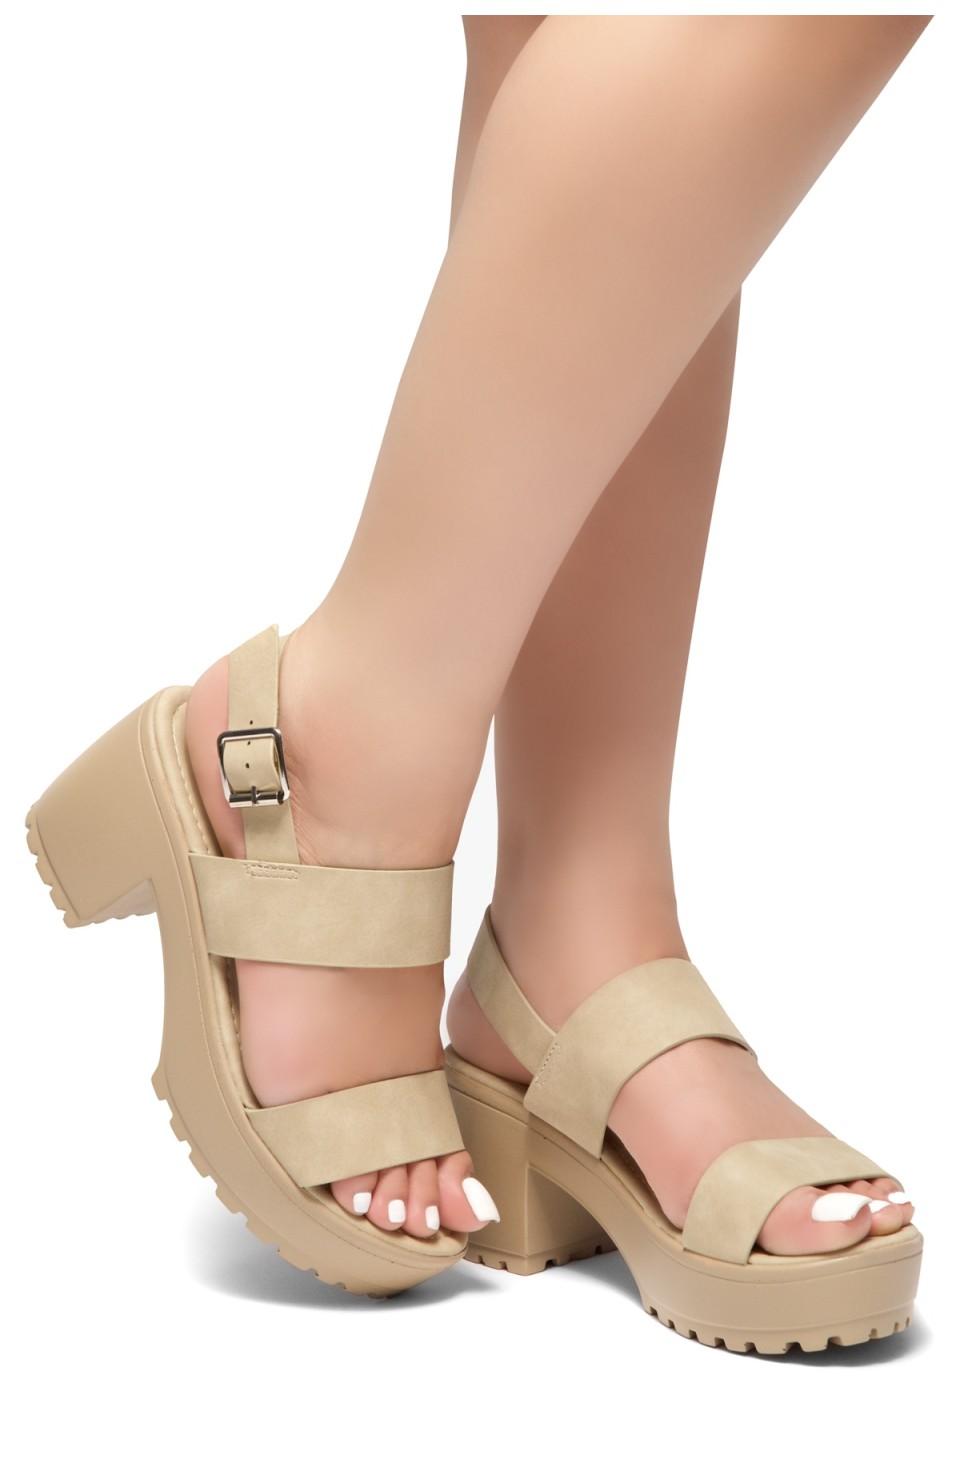 HerStyle Sundance-Open Toe Double-Banded Vamp with Platform Block Heel (Beige)